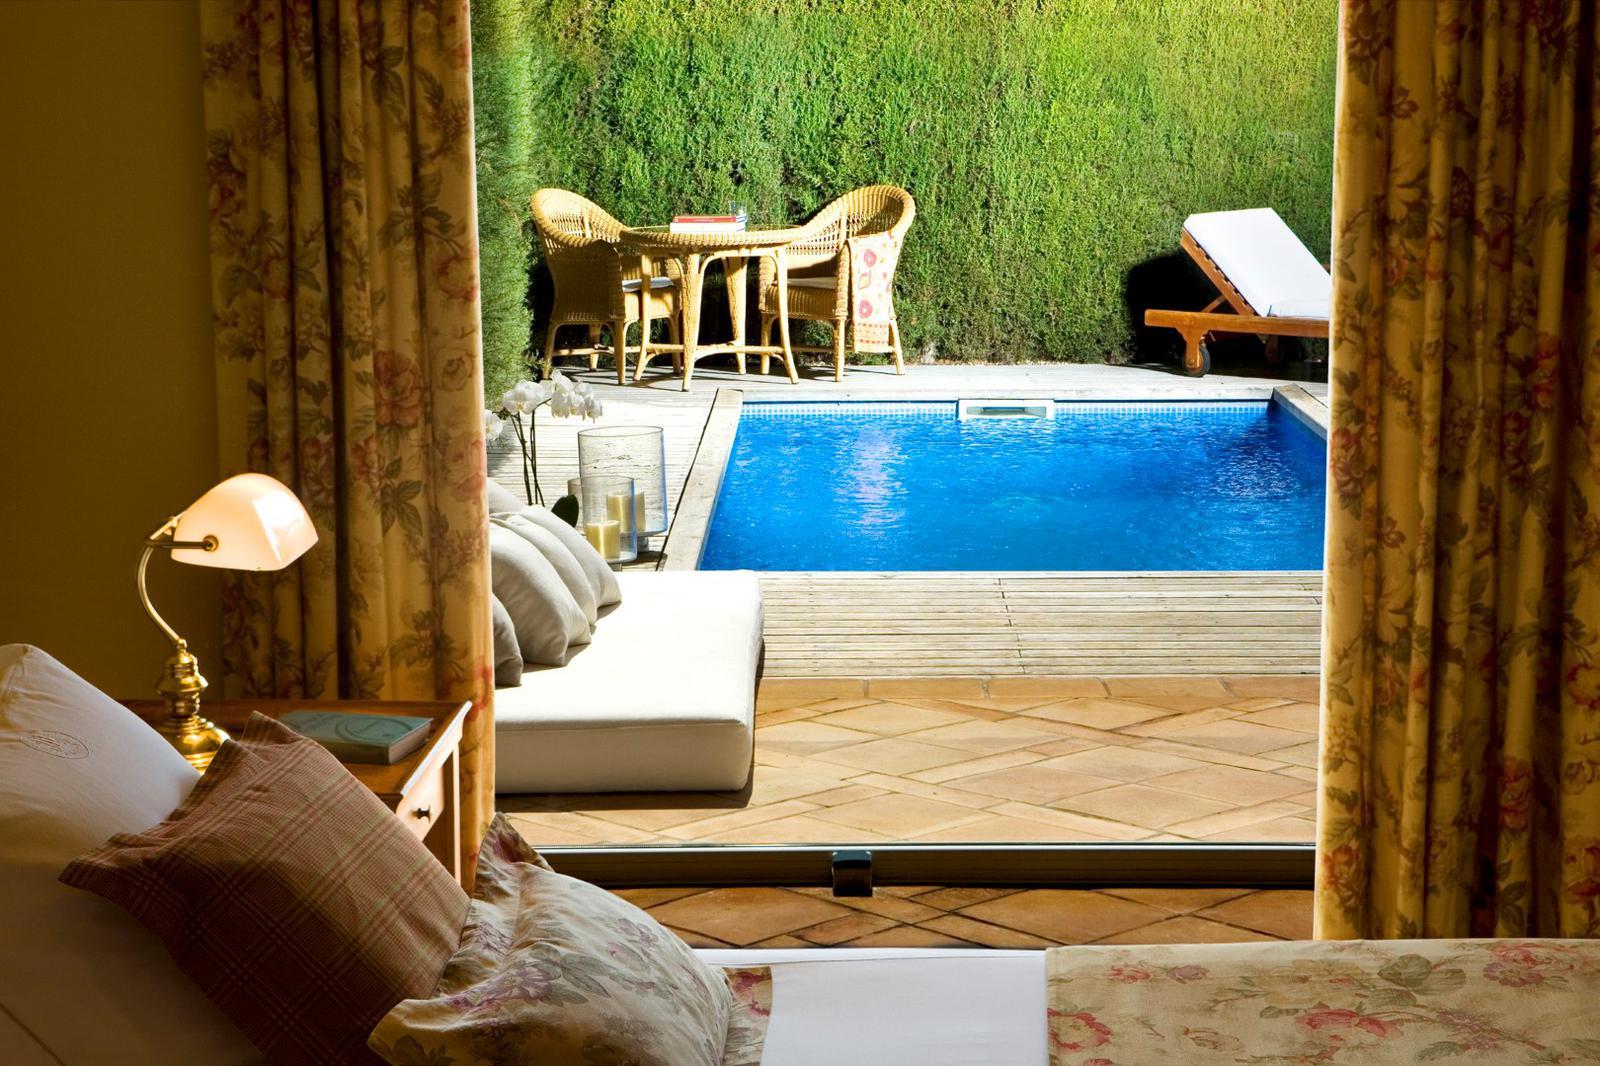 7 habitaciones de hotel con piscina privada